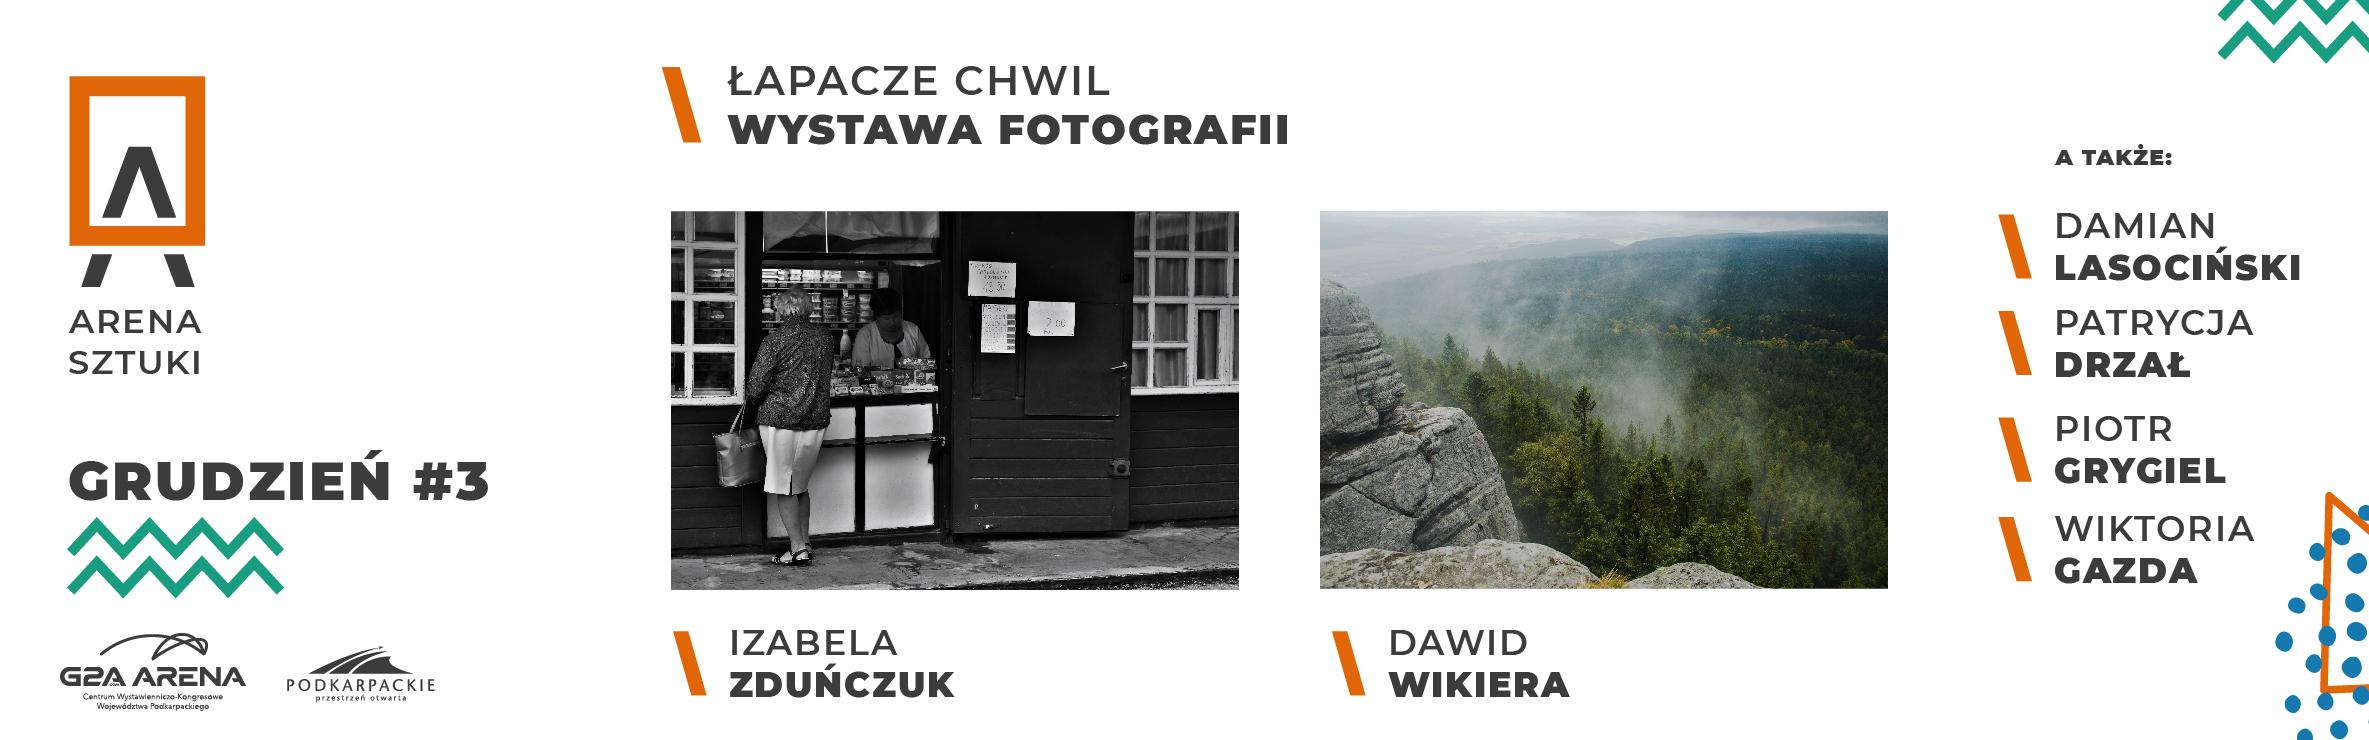 Arena Sztuki -Łapacze chwil – Wystawa Fotografii – Grudzień #3